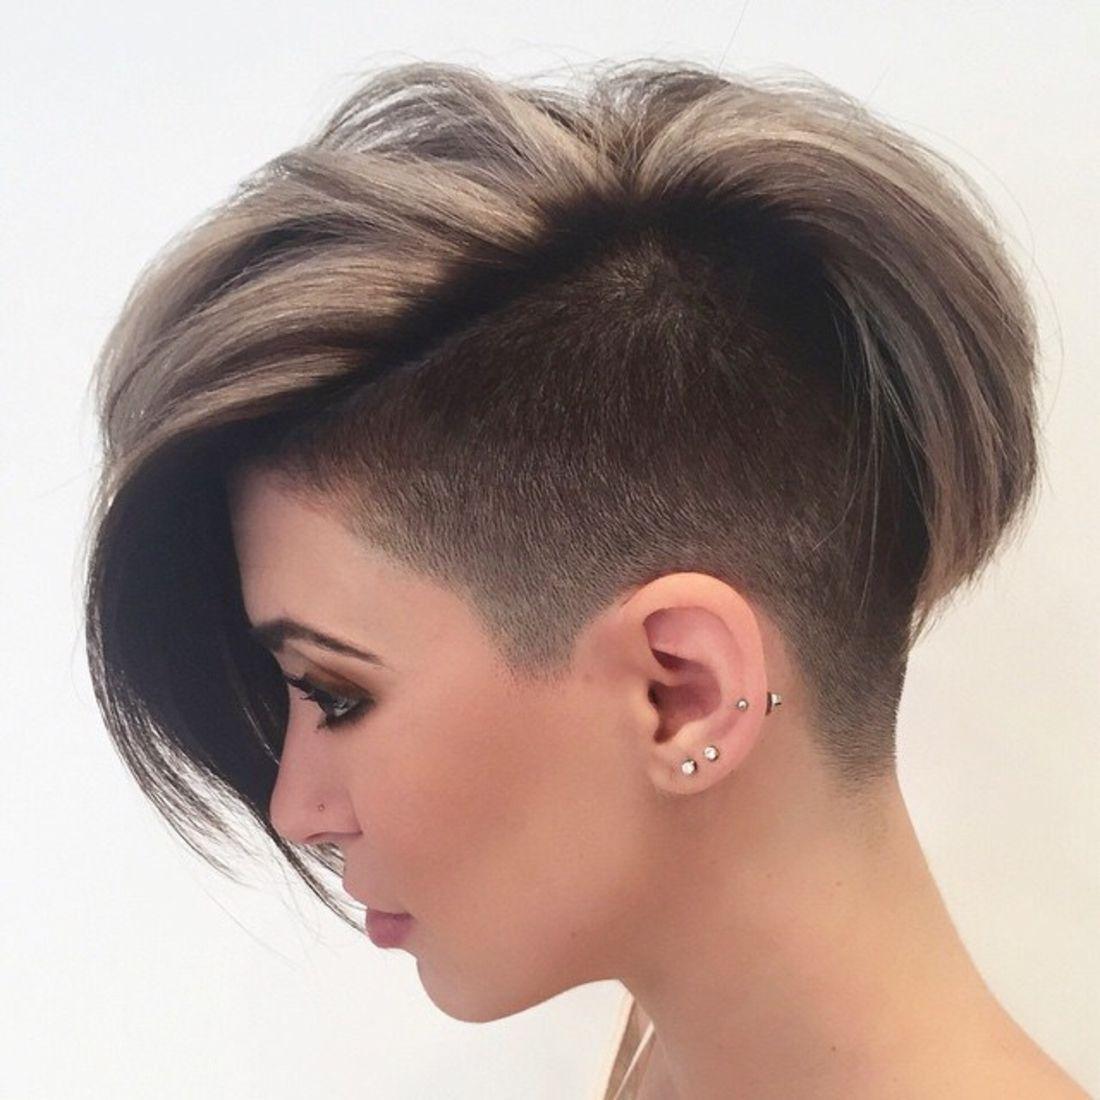 Undercut Frisuren braunes und blondes Haar, kleine Ohrringe, dunkle Schminke  Moderne Looks von ...